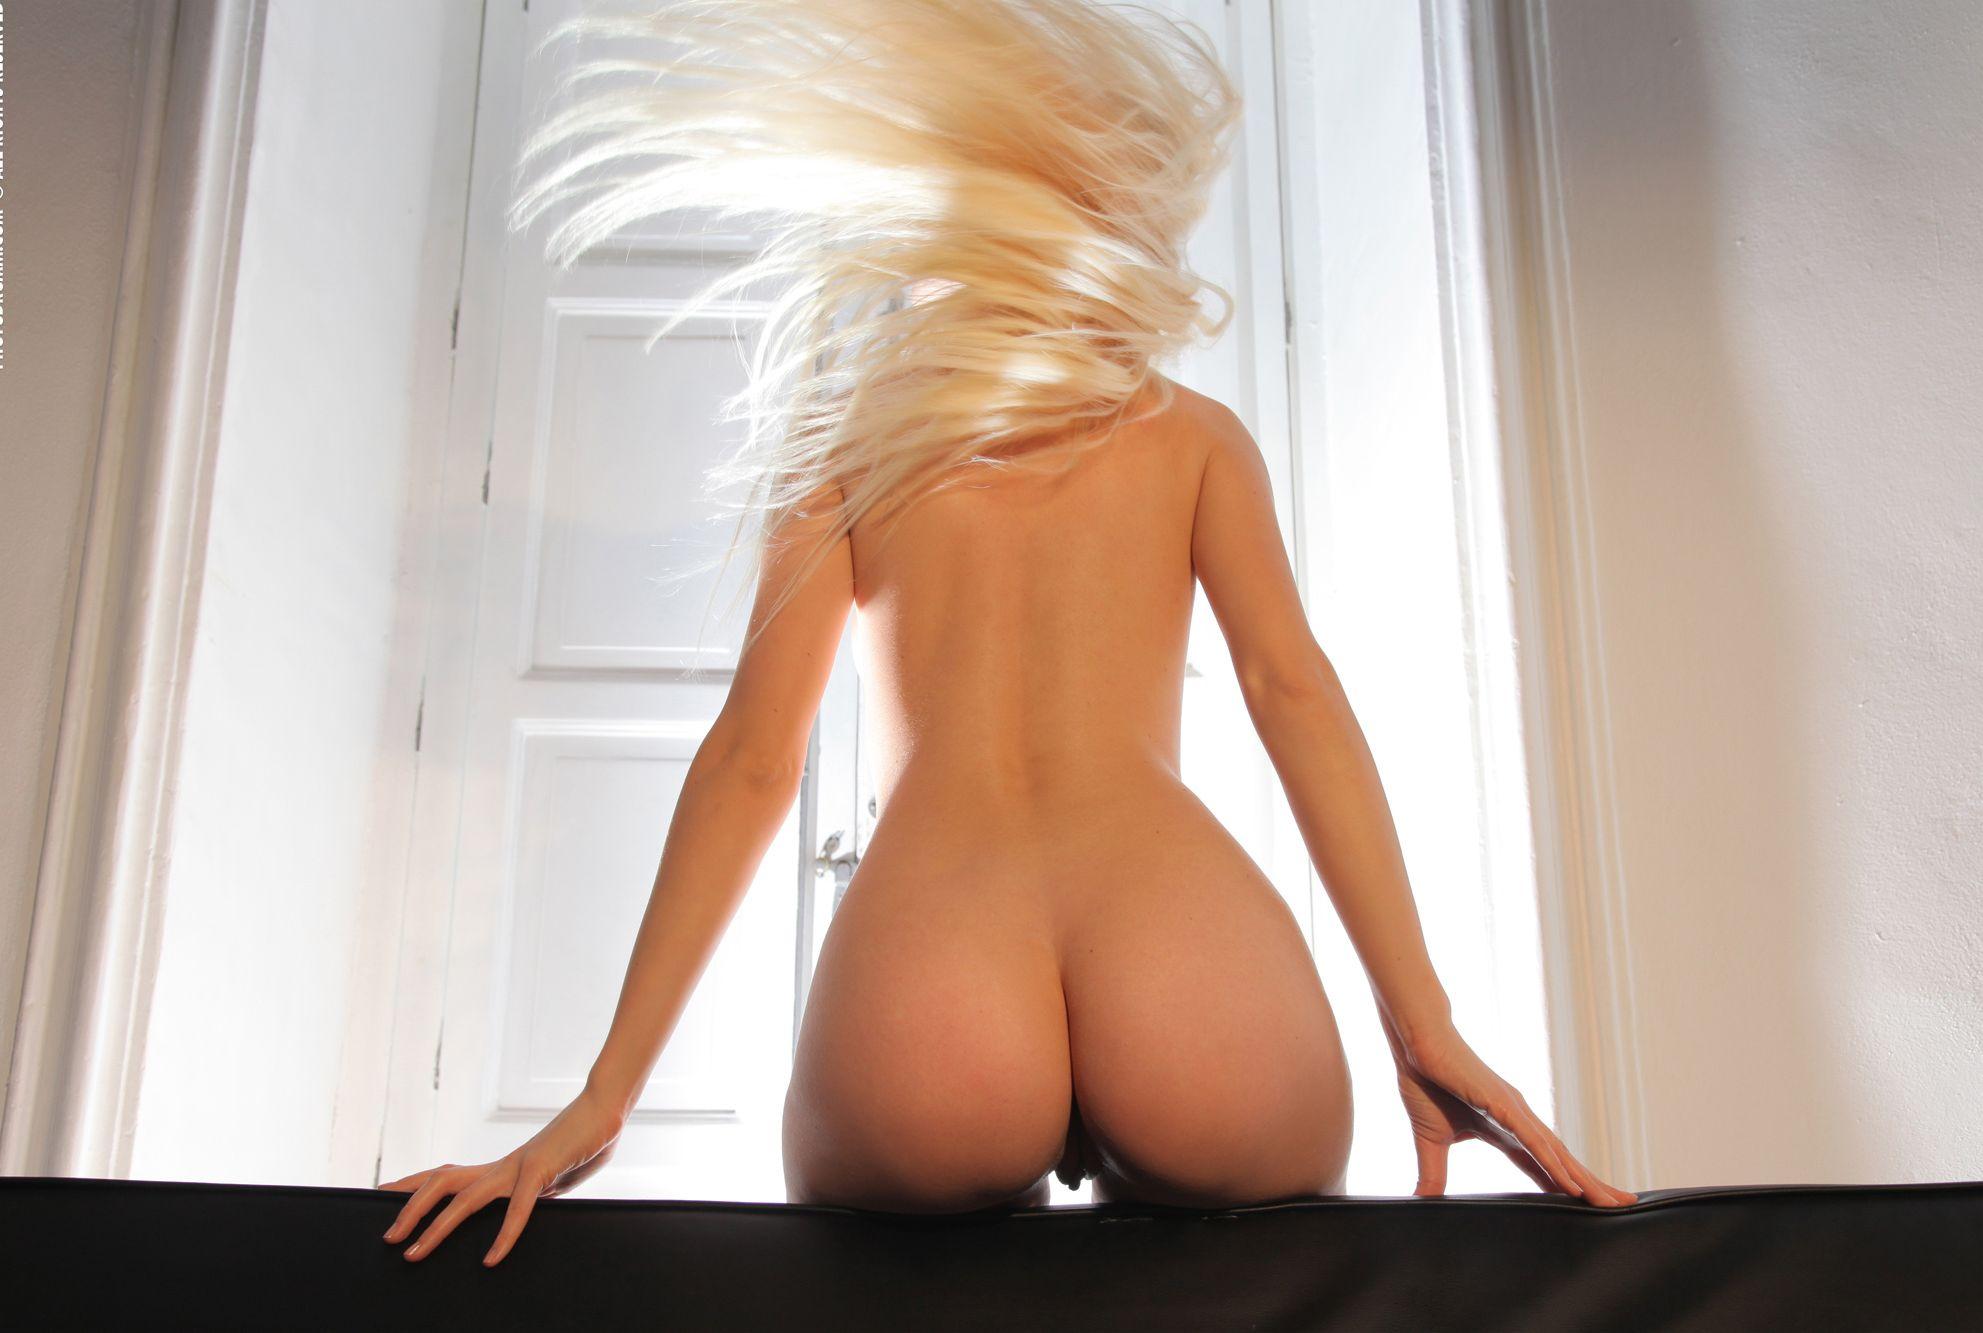 Фото блондинки с упругой попкой, Юная блондинка с влажной писей и упругой попкой 35 10 фотография